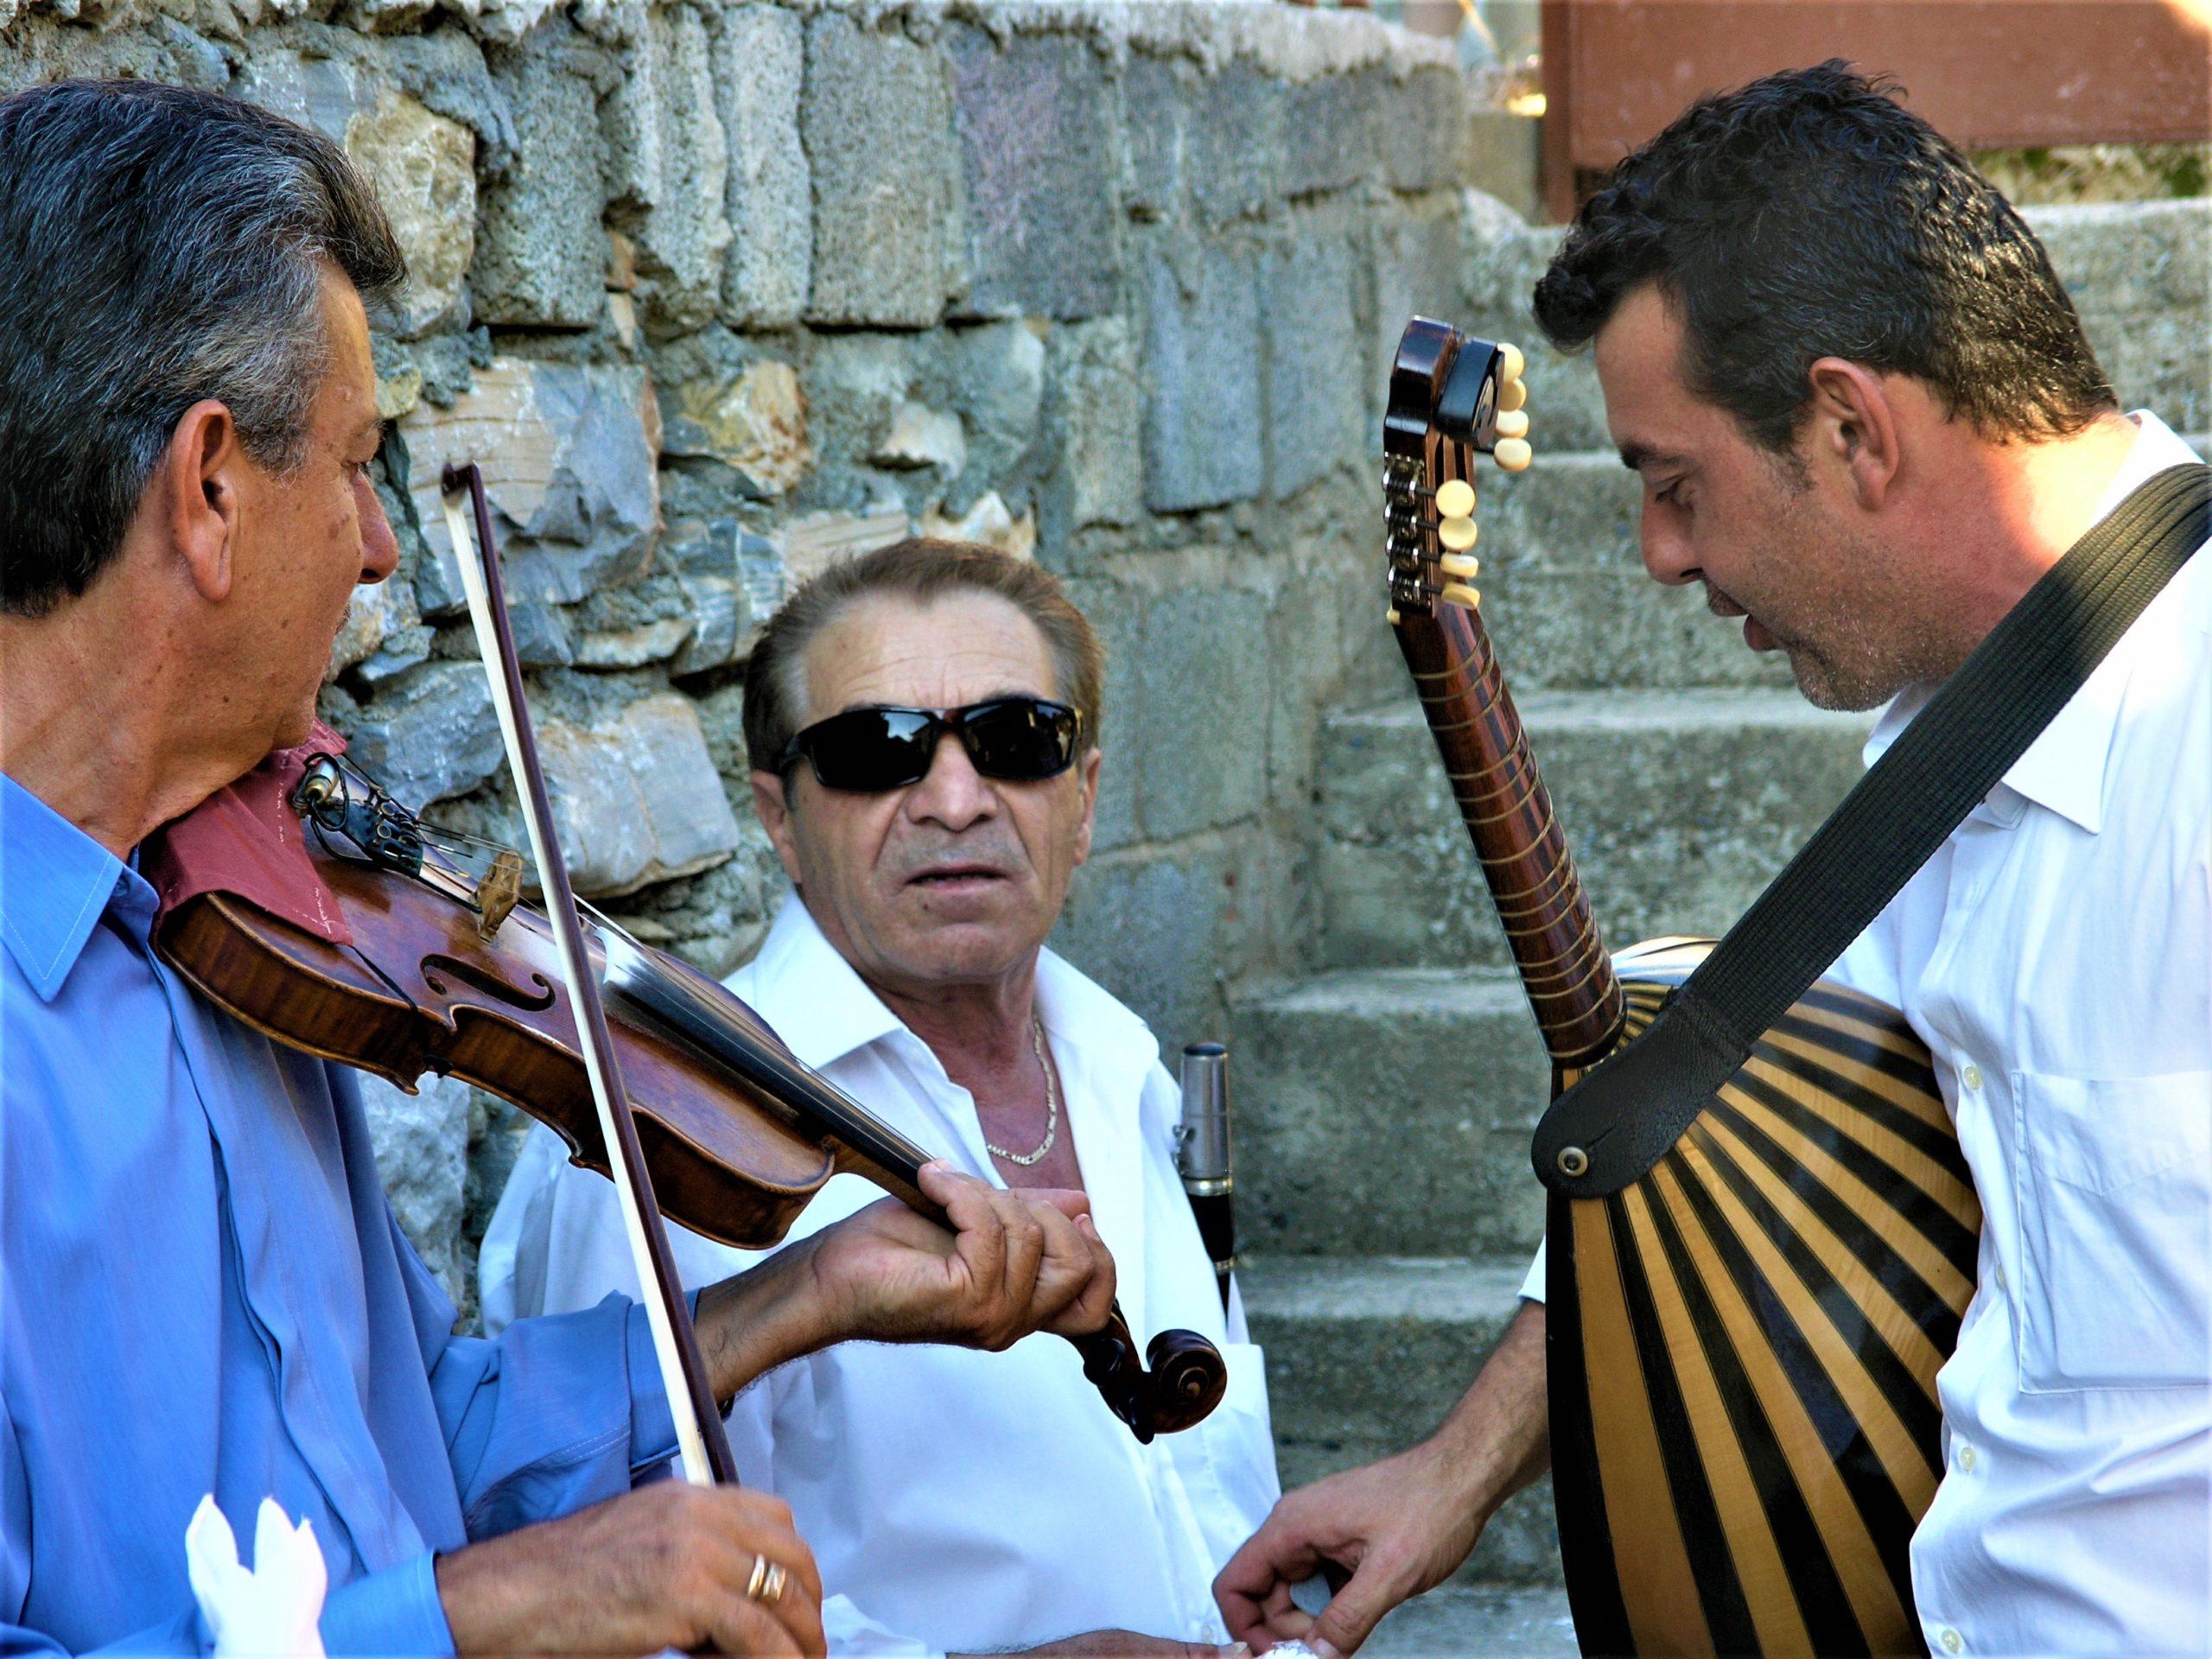 Τρίκερι, Θεσσαλία, Μαγνησία